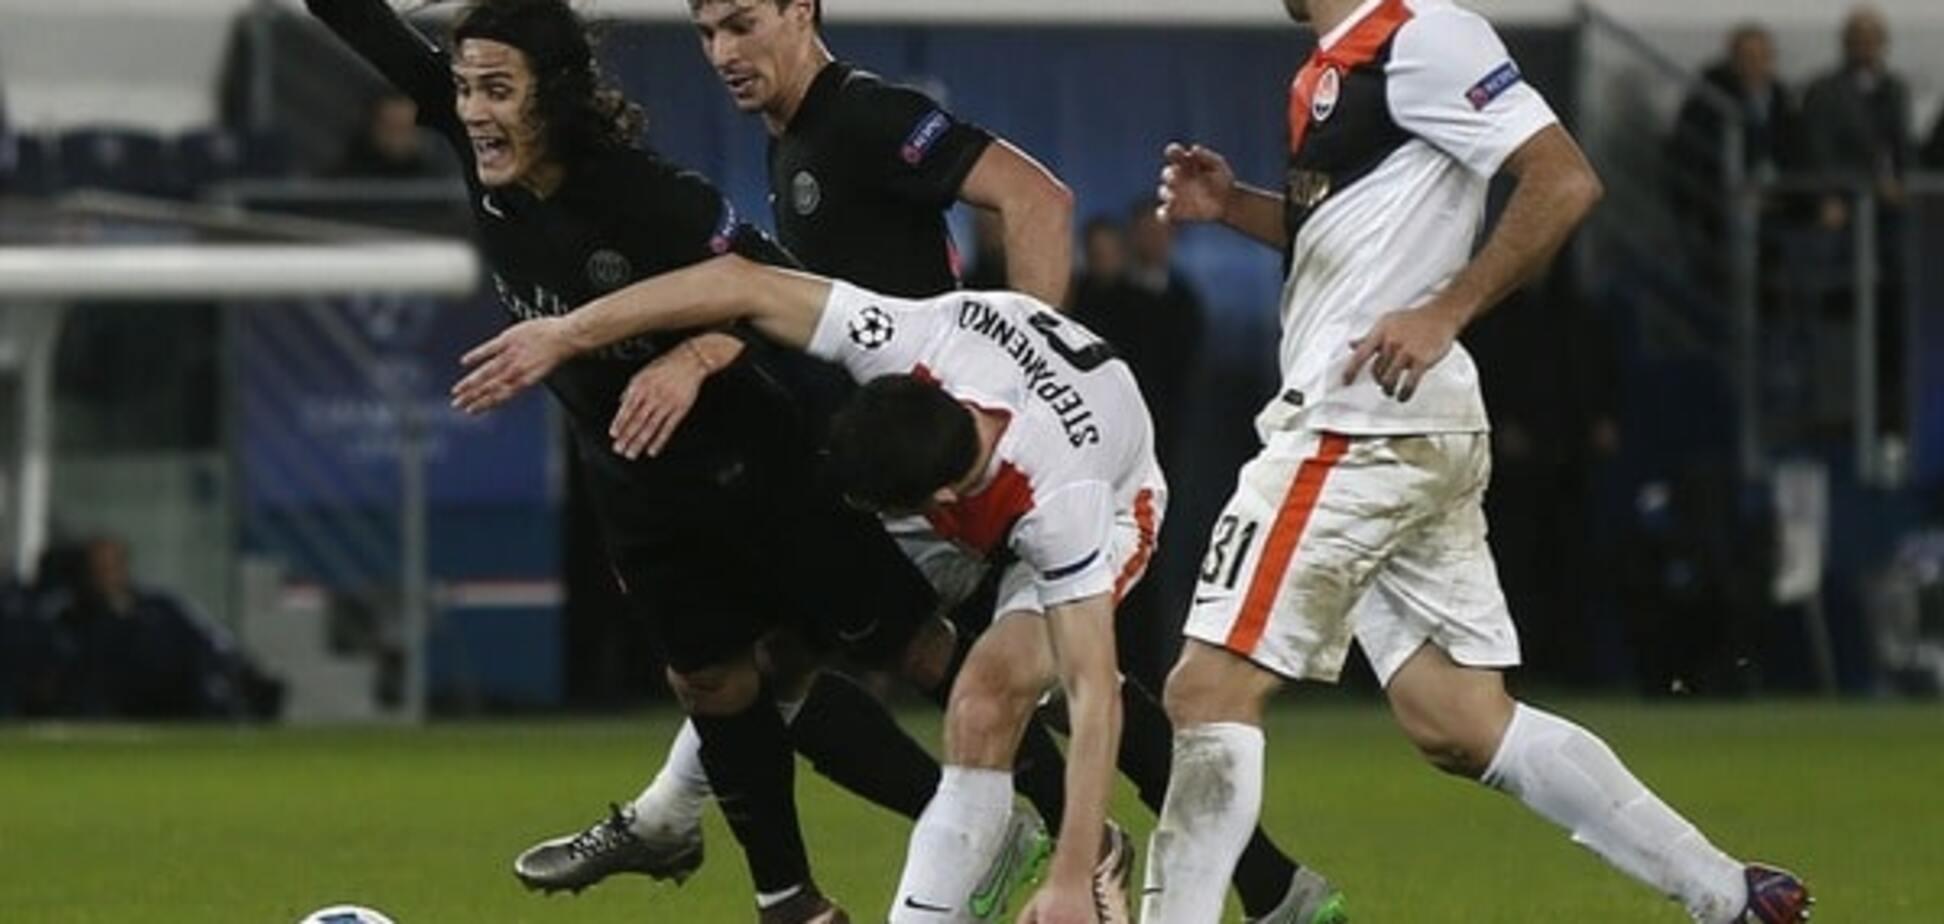 С кем играли? СМИ проигнорировали 'Шахтер' после матча с ПСЖ